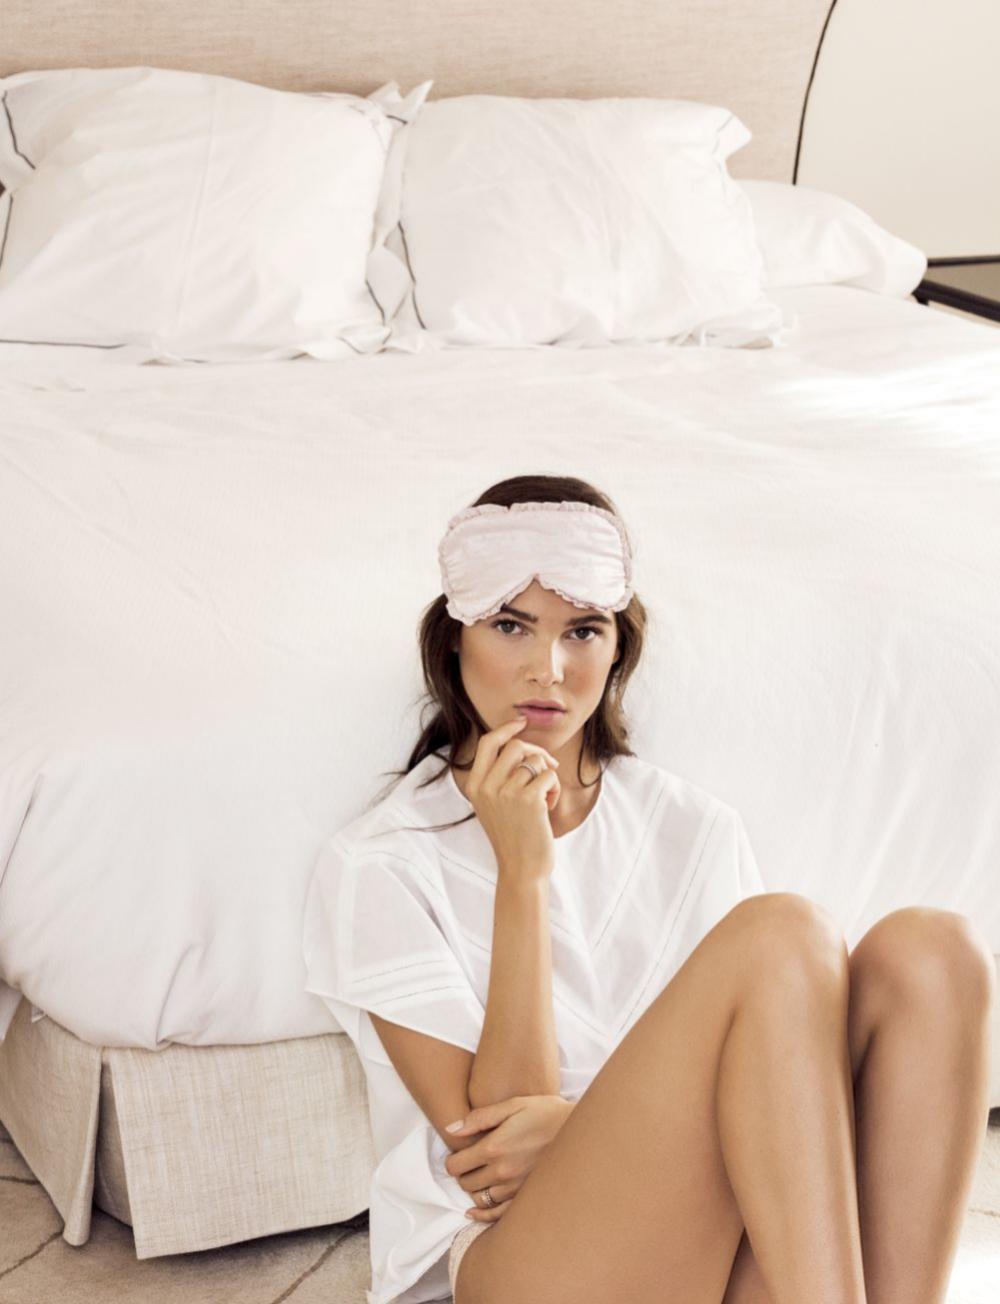 En la calidad y duración del sueño influye el ambiente de tu habitación y también si ésta da a una calle tranquila o ruidosa.